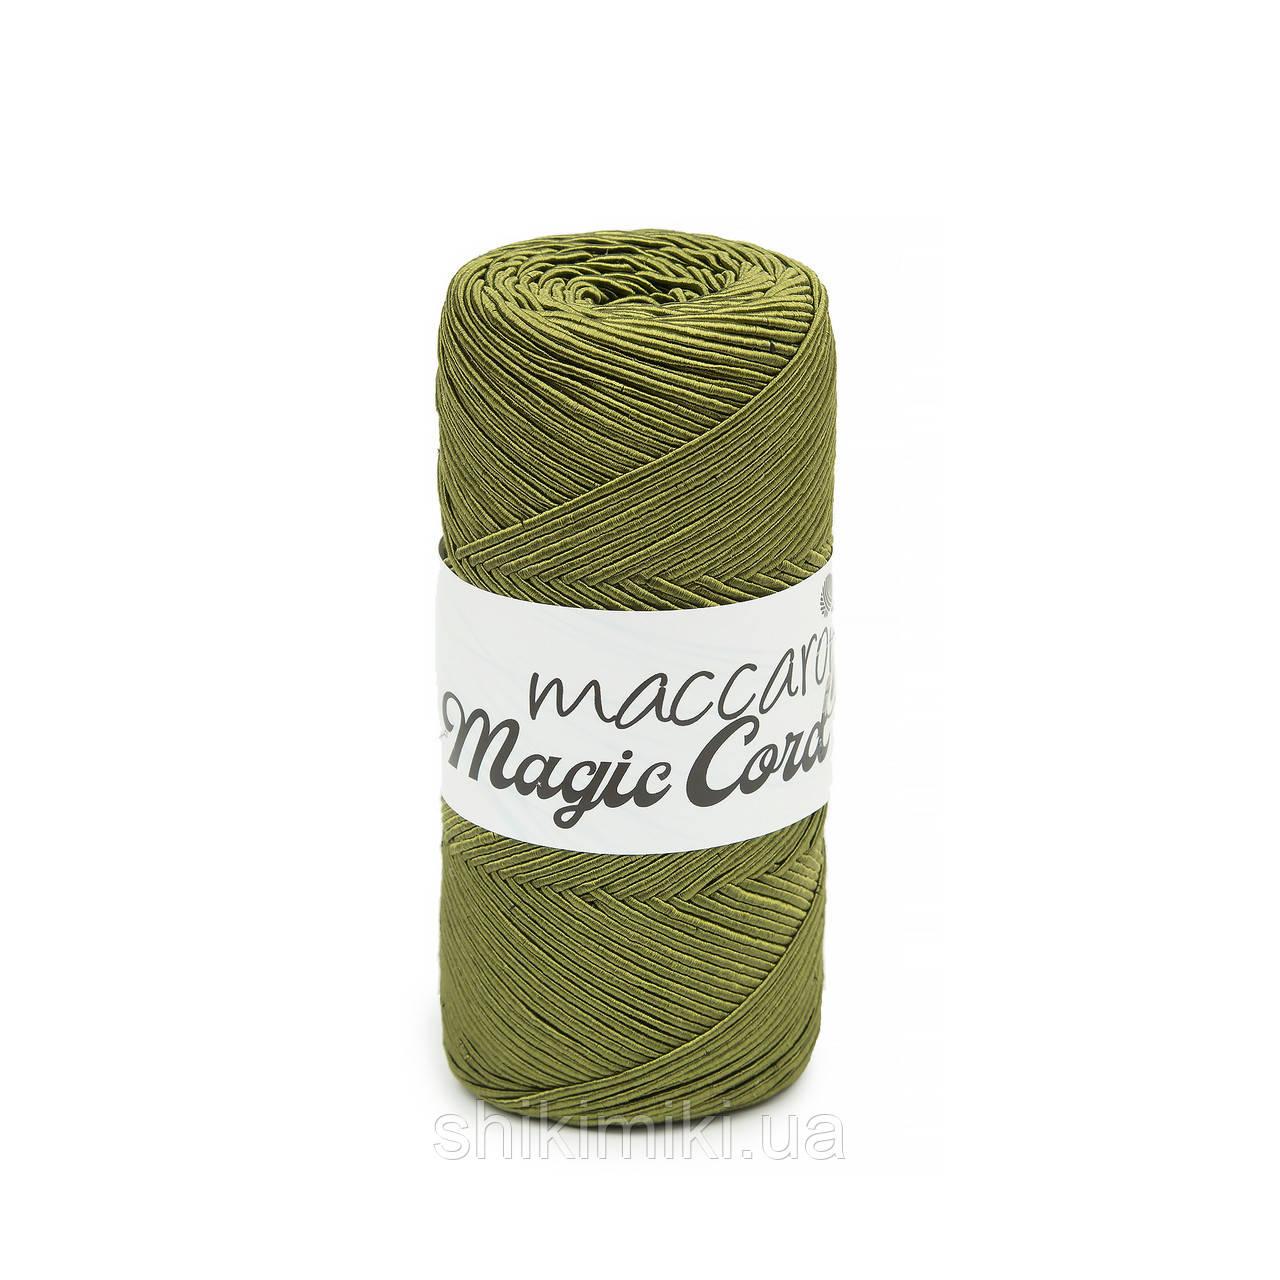 Фантазийный шнур Maccaroni Magic Cord, цвет  хаки